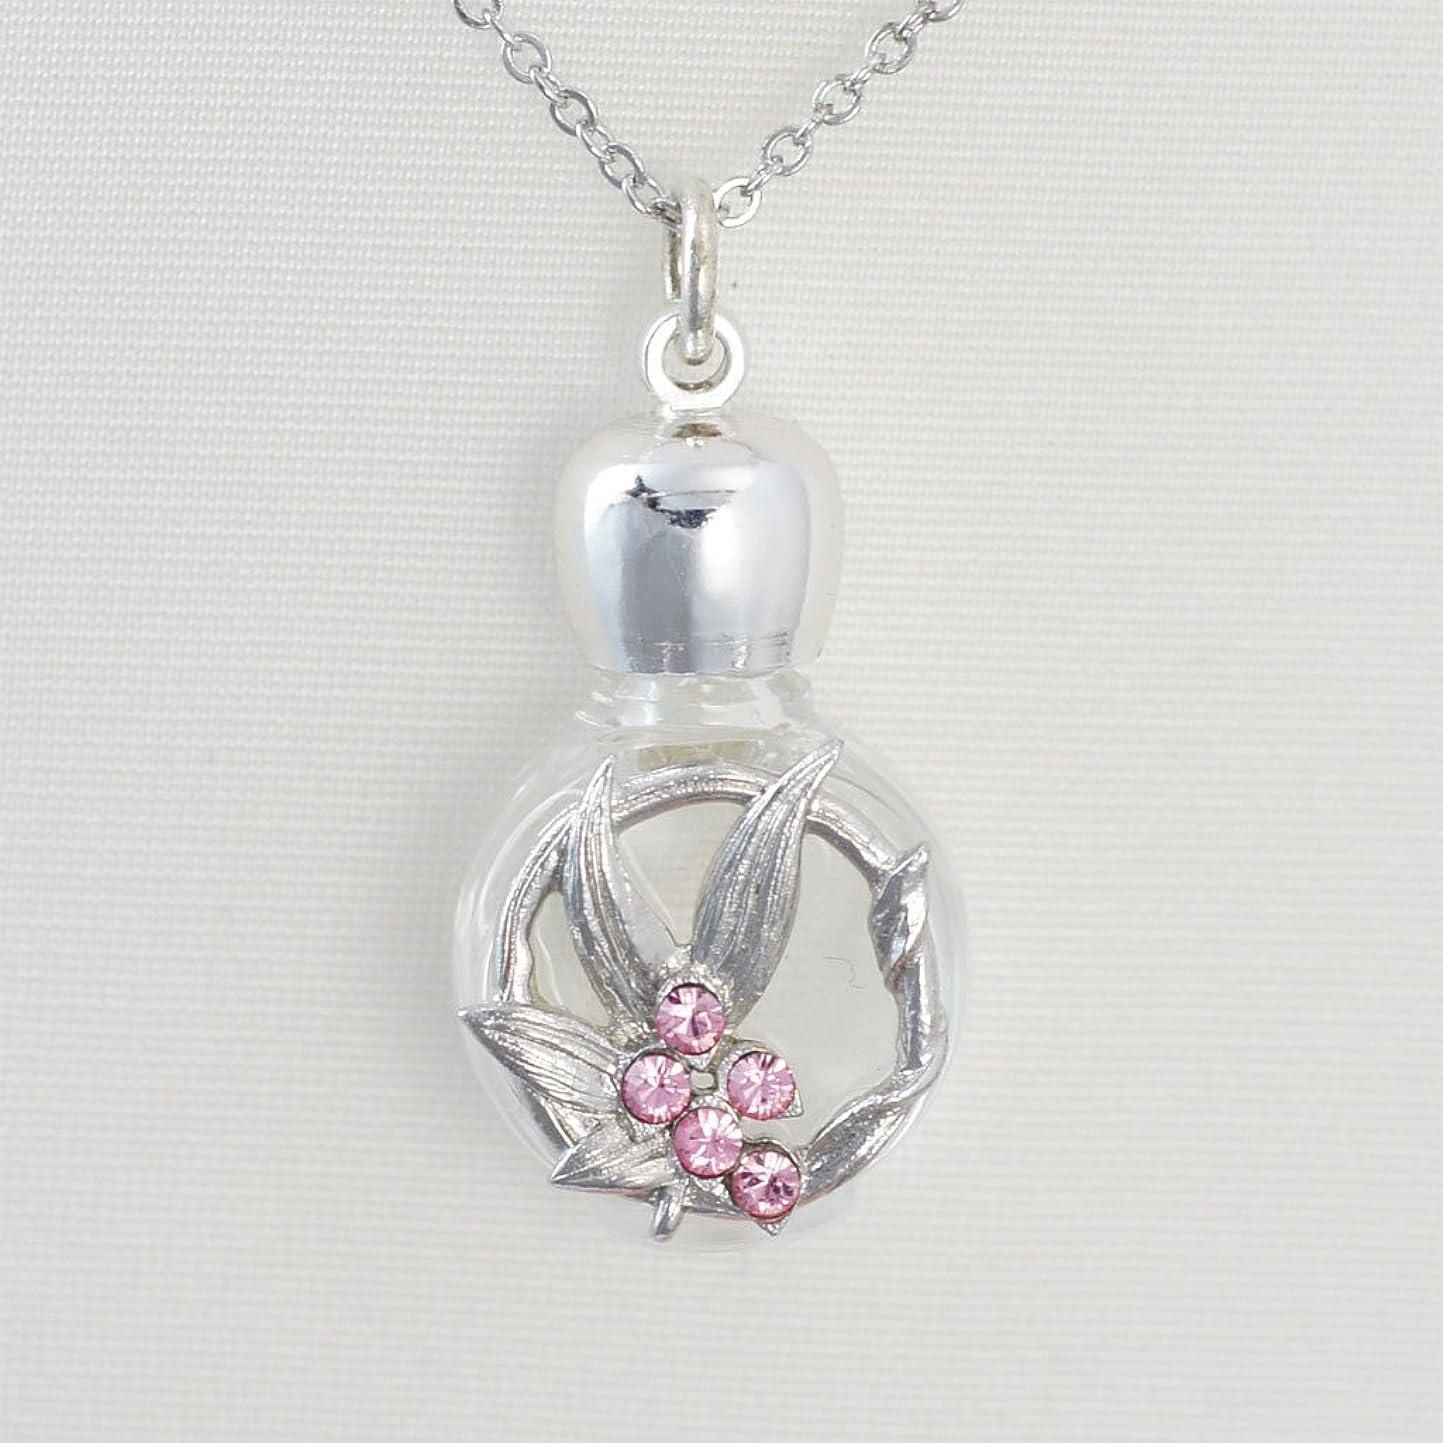 所持ほんのペア【天使の小瓶】 月桃ピンク